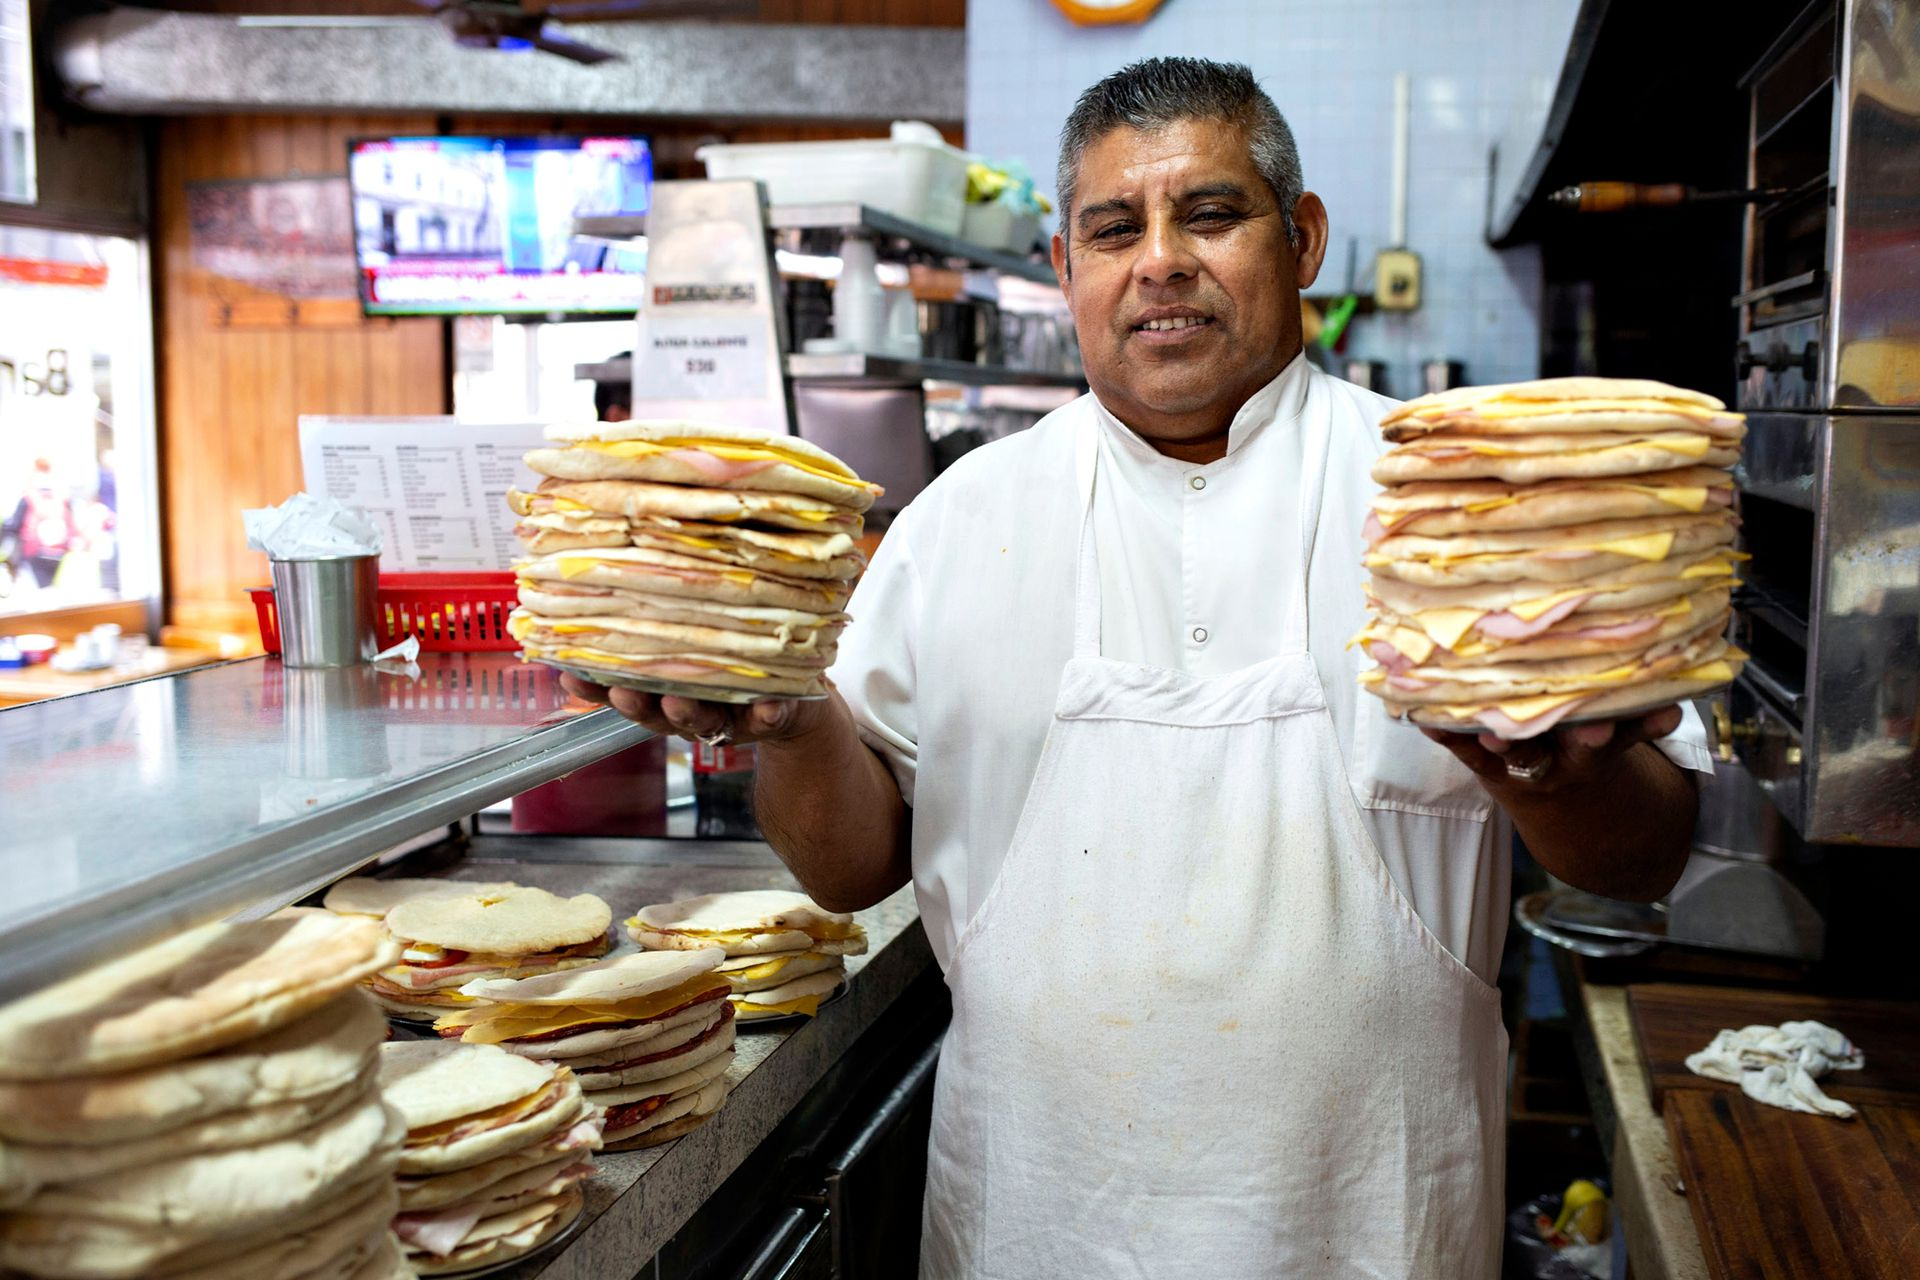 Abren a las 7 de la mañana hasta las 18.30 horas. En el horario del almuerzo (desde las 12 hasta las 15 horas) es cuando hay mayor cantidad de clientes